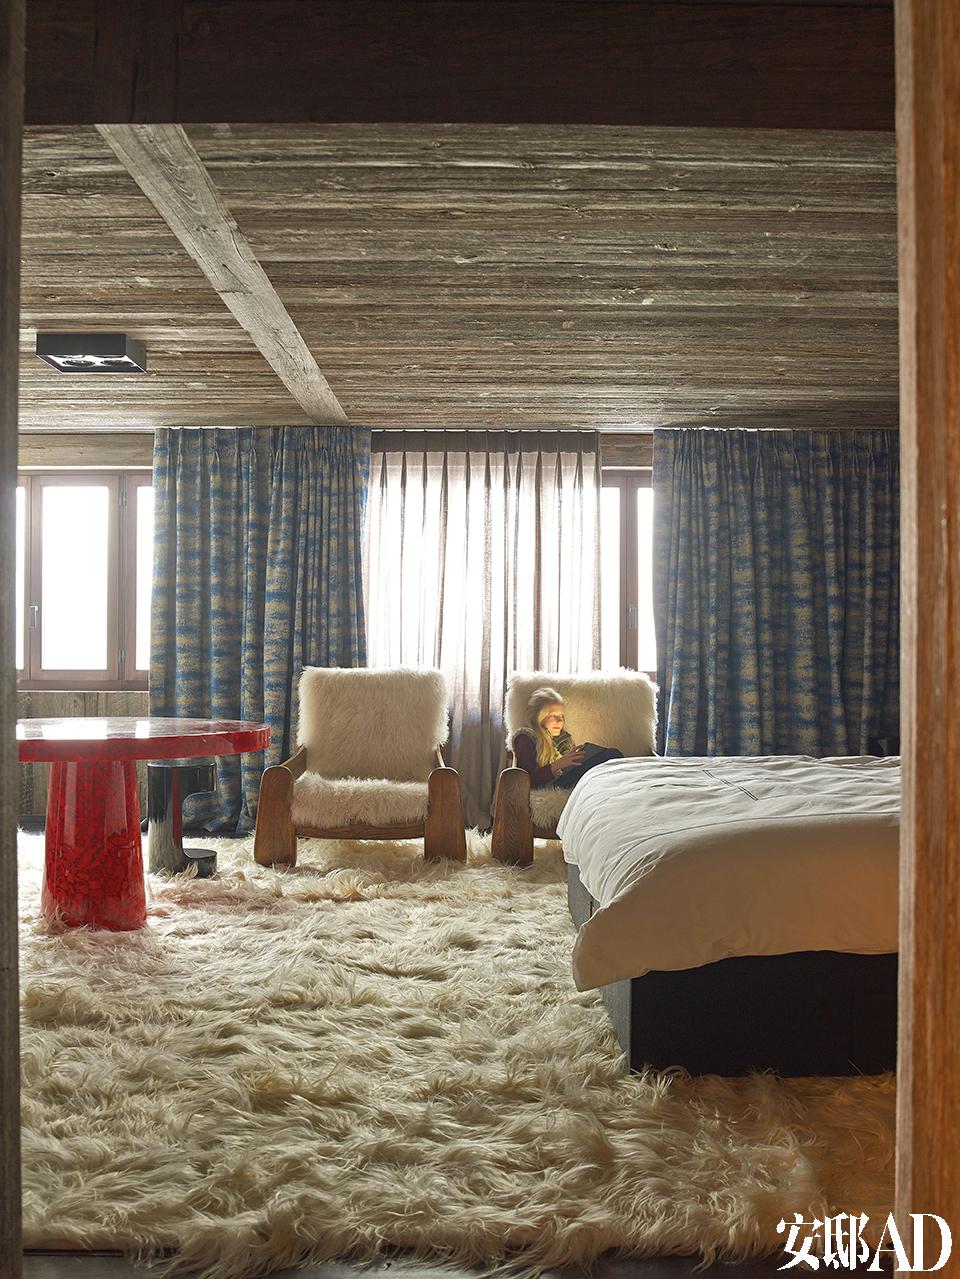 铺满地面和扶手椅的长山羊毛地毯显示出浓郁的北欧风情,窗帘和窗纱来自Jules et Jim Paris,红树脂片制成的桌子由Jean Brand设计,Atelier Janus出品。